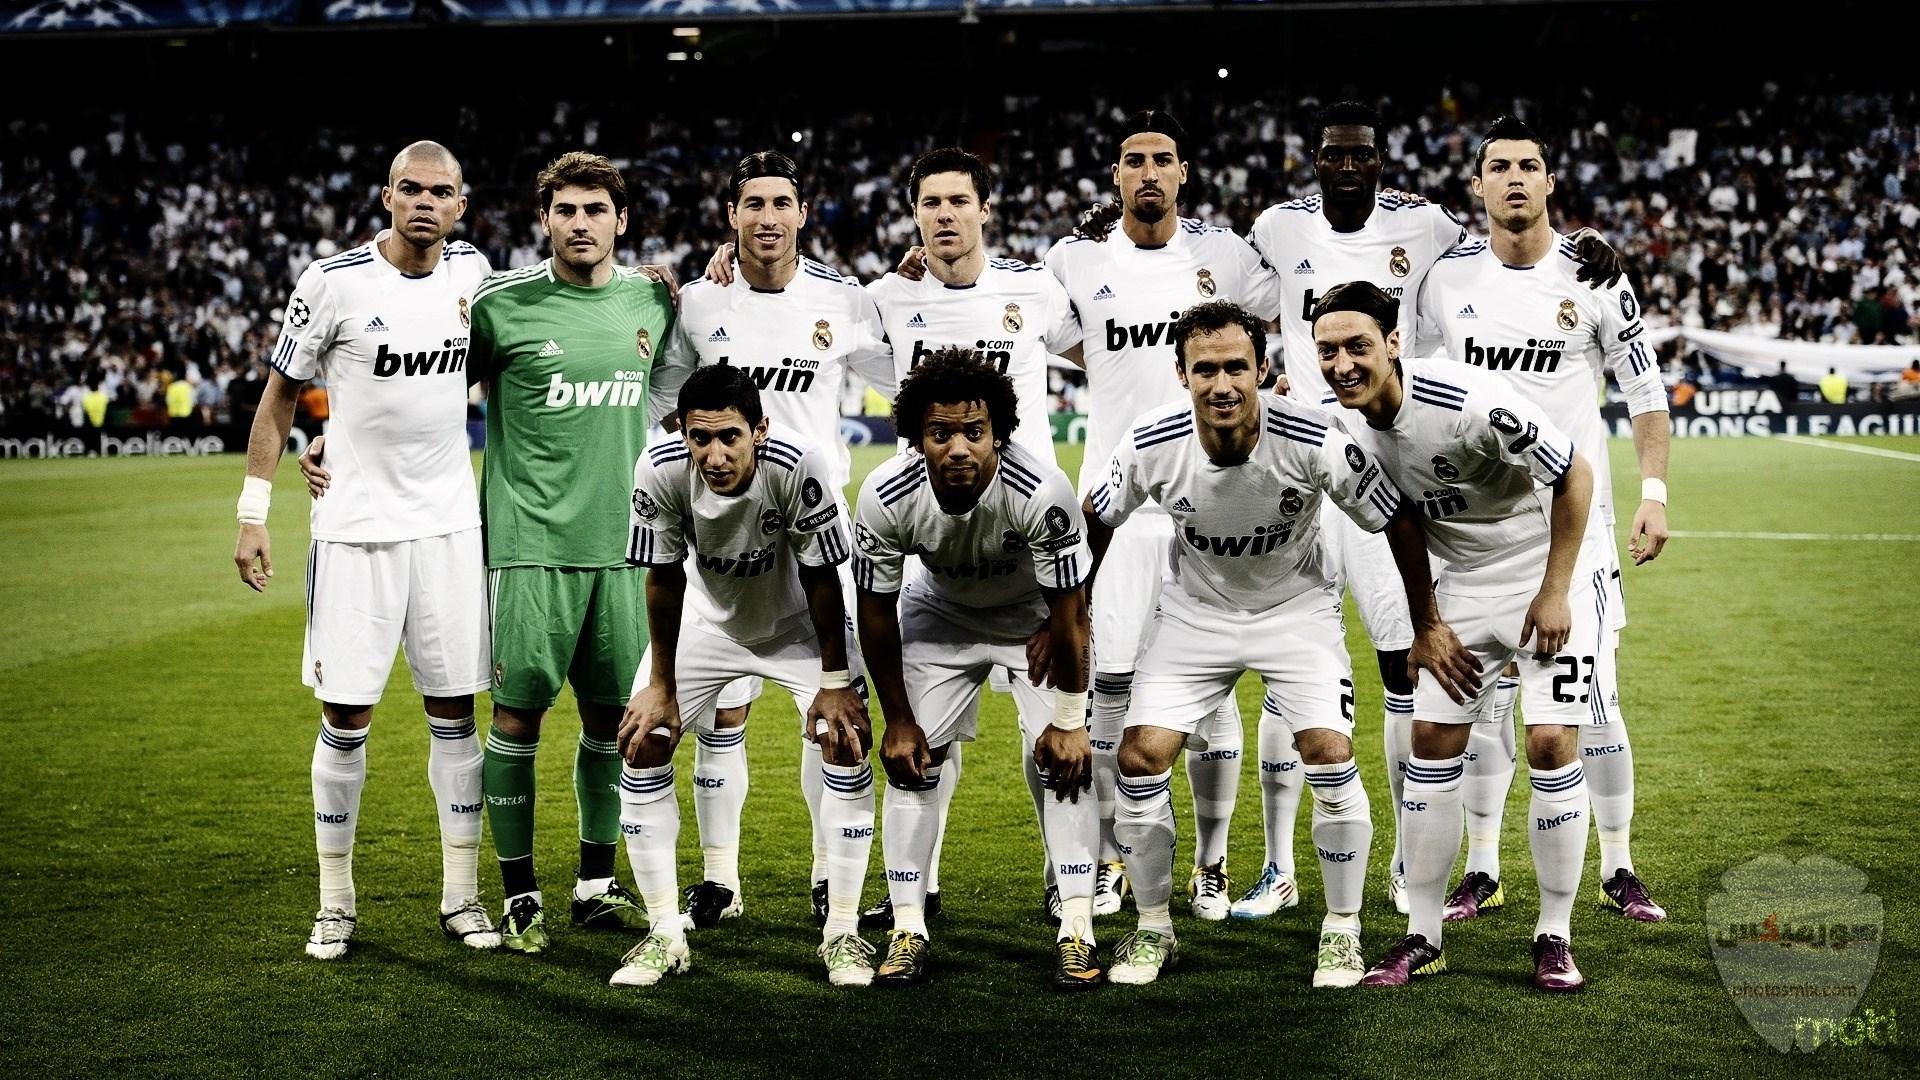 صور لاعبي ريال مدريد 47